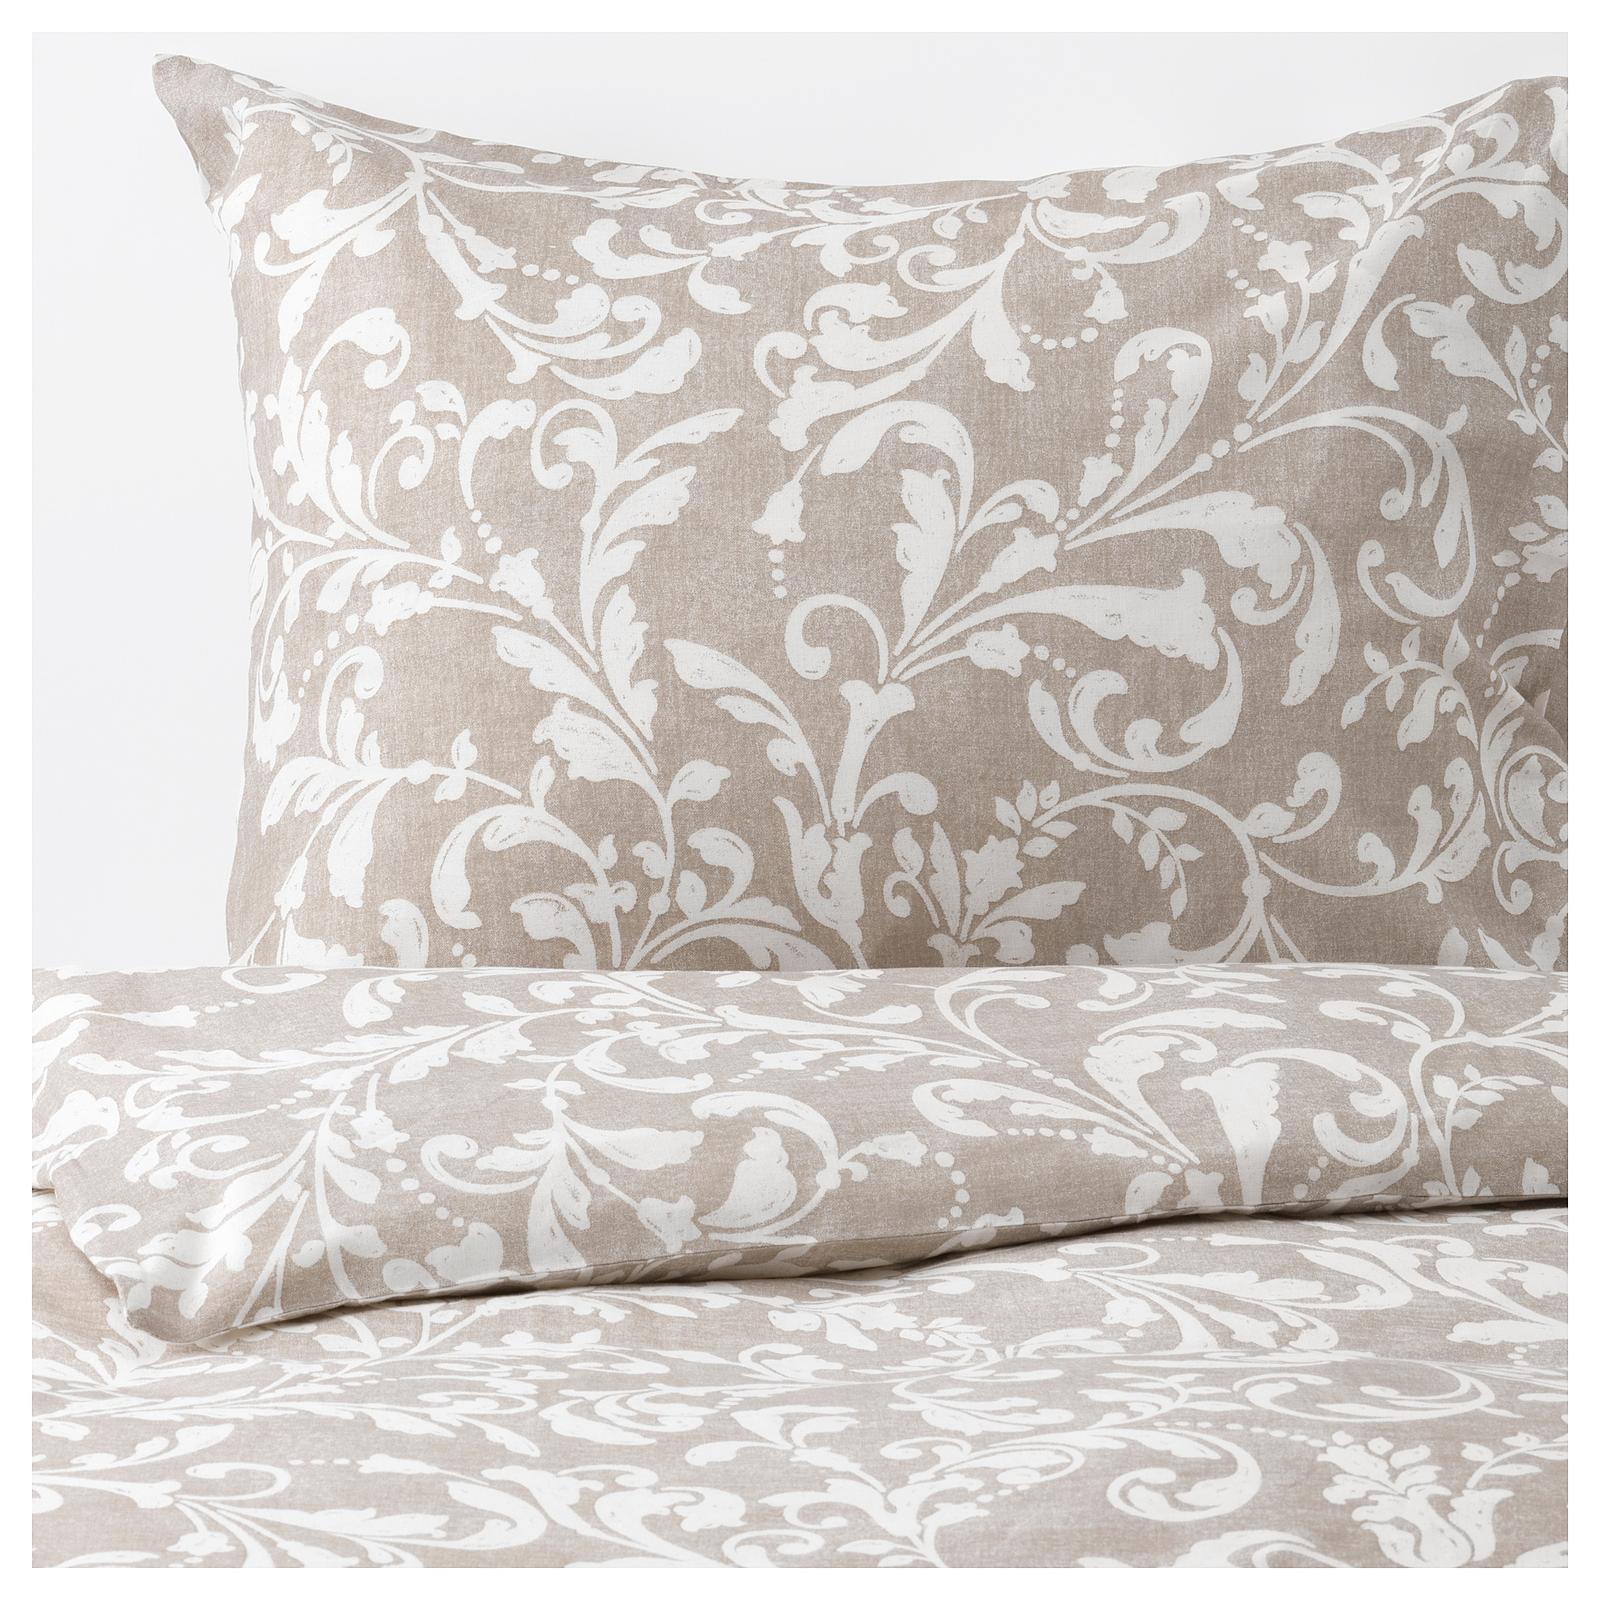 Spálňa - zmena - VÅRBRÄCKA Posteľné obliečky, béžová, biela ... nové posteľné prádlo ... už len to drevo nám tam chýba :) ...